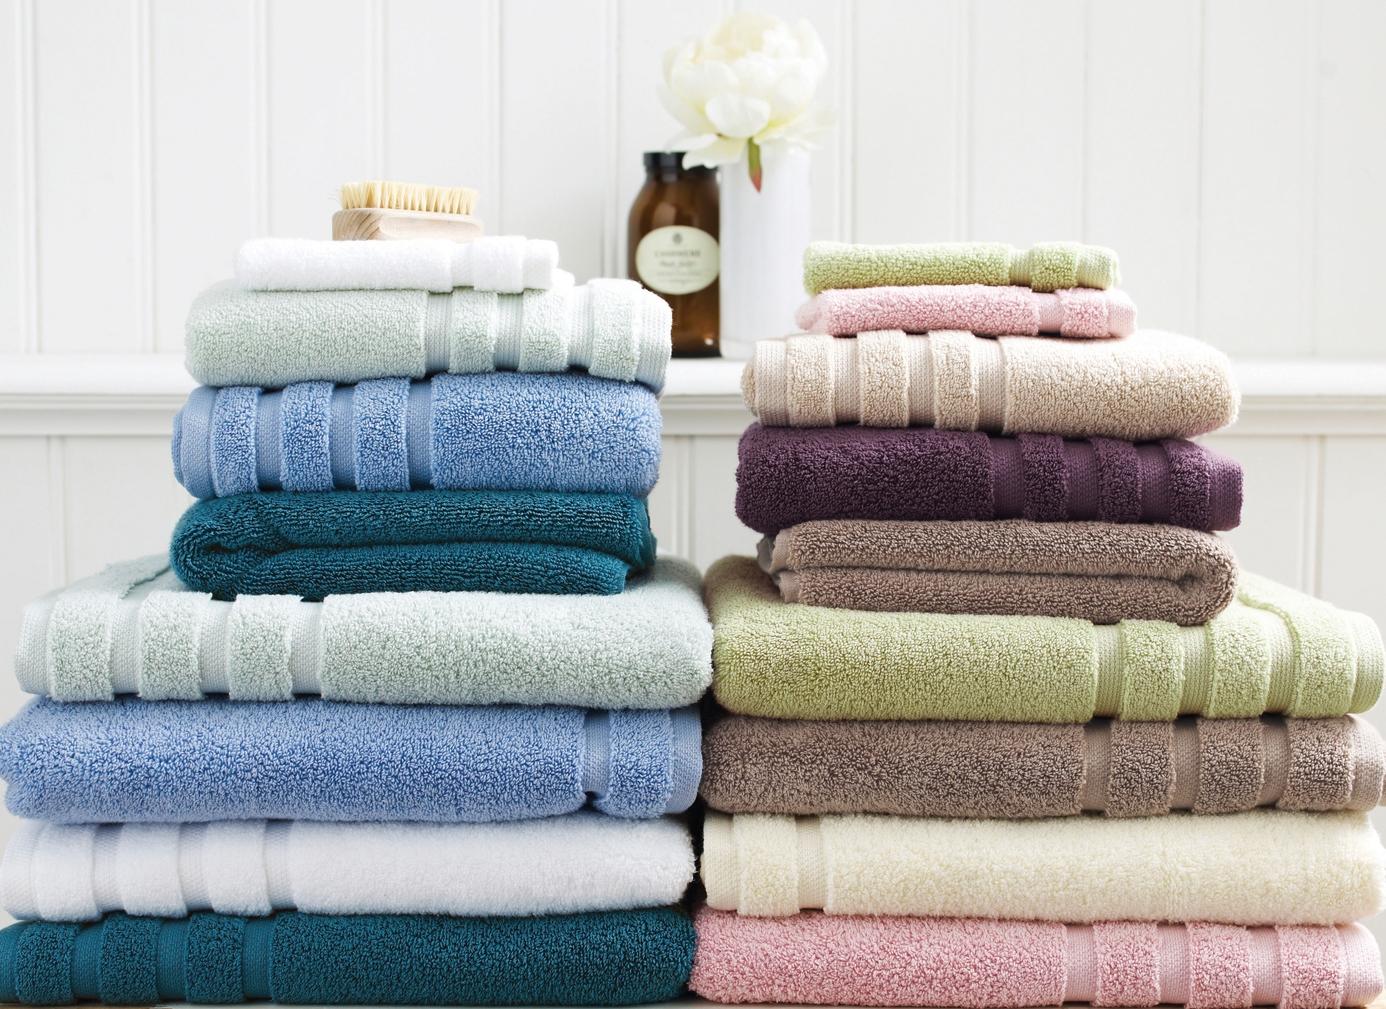 Správna veľkosť uterákov a osušiek